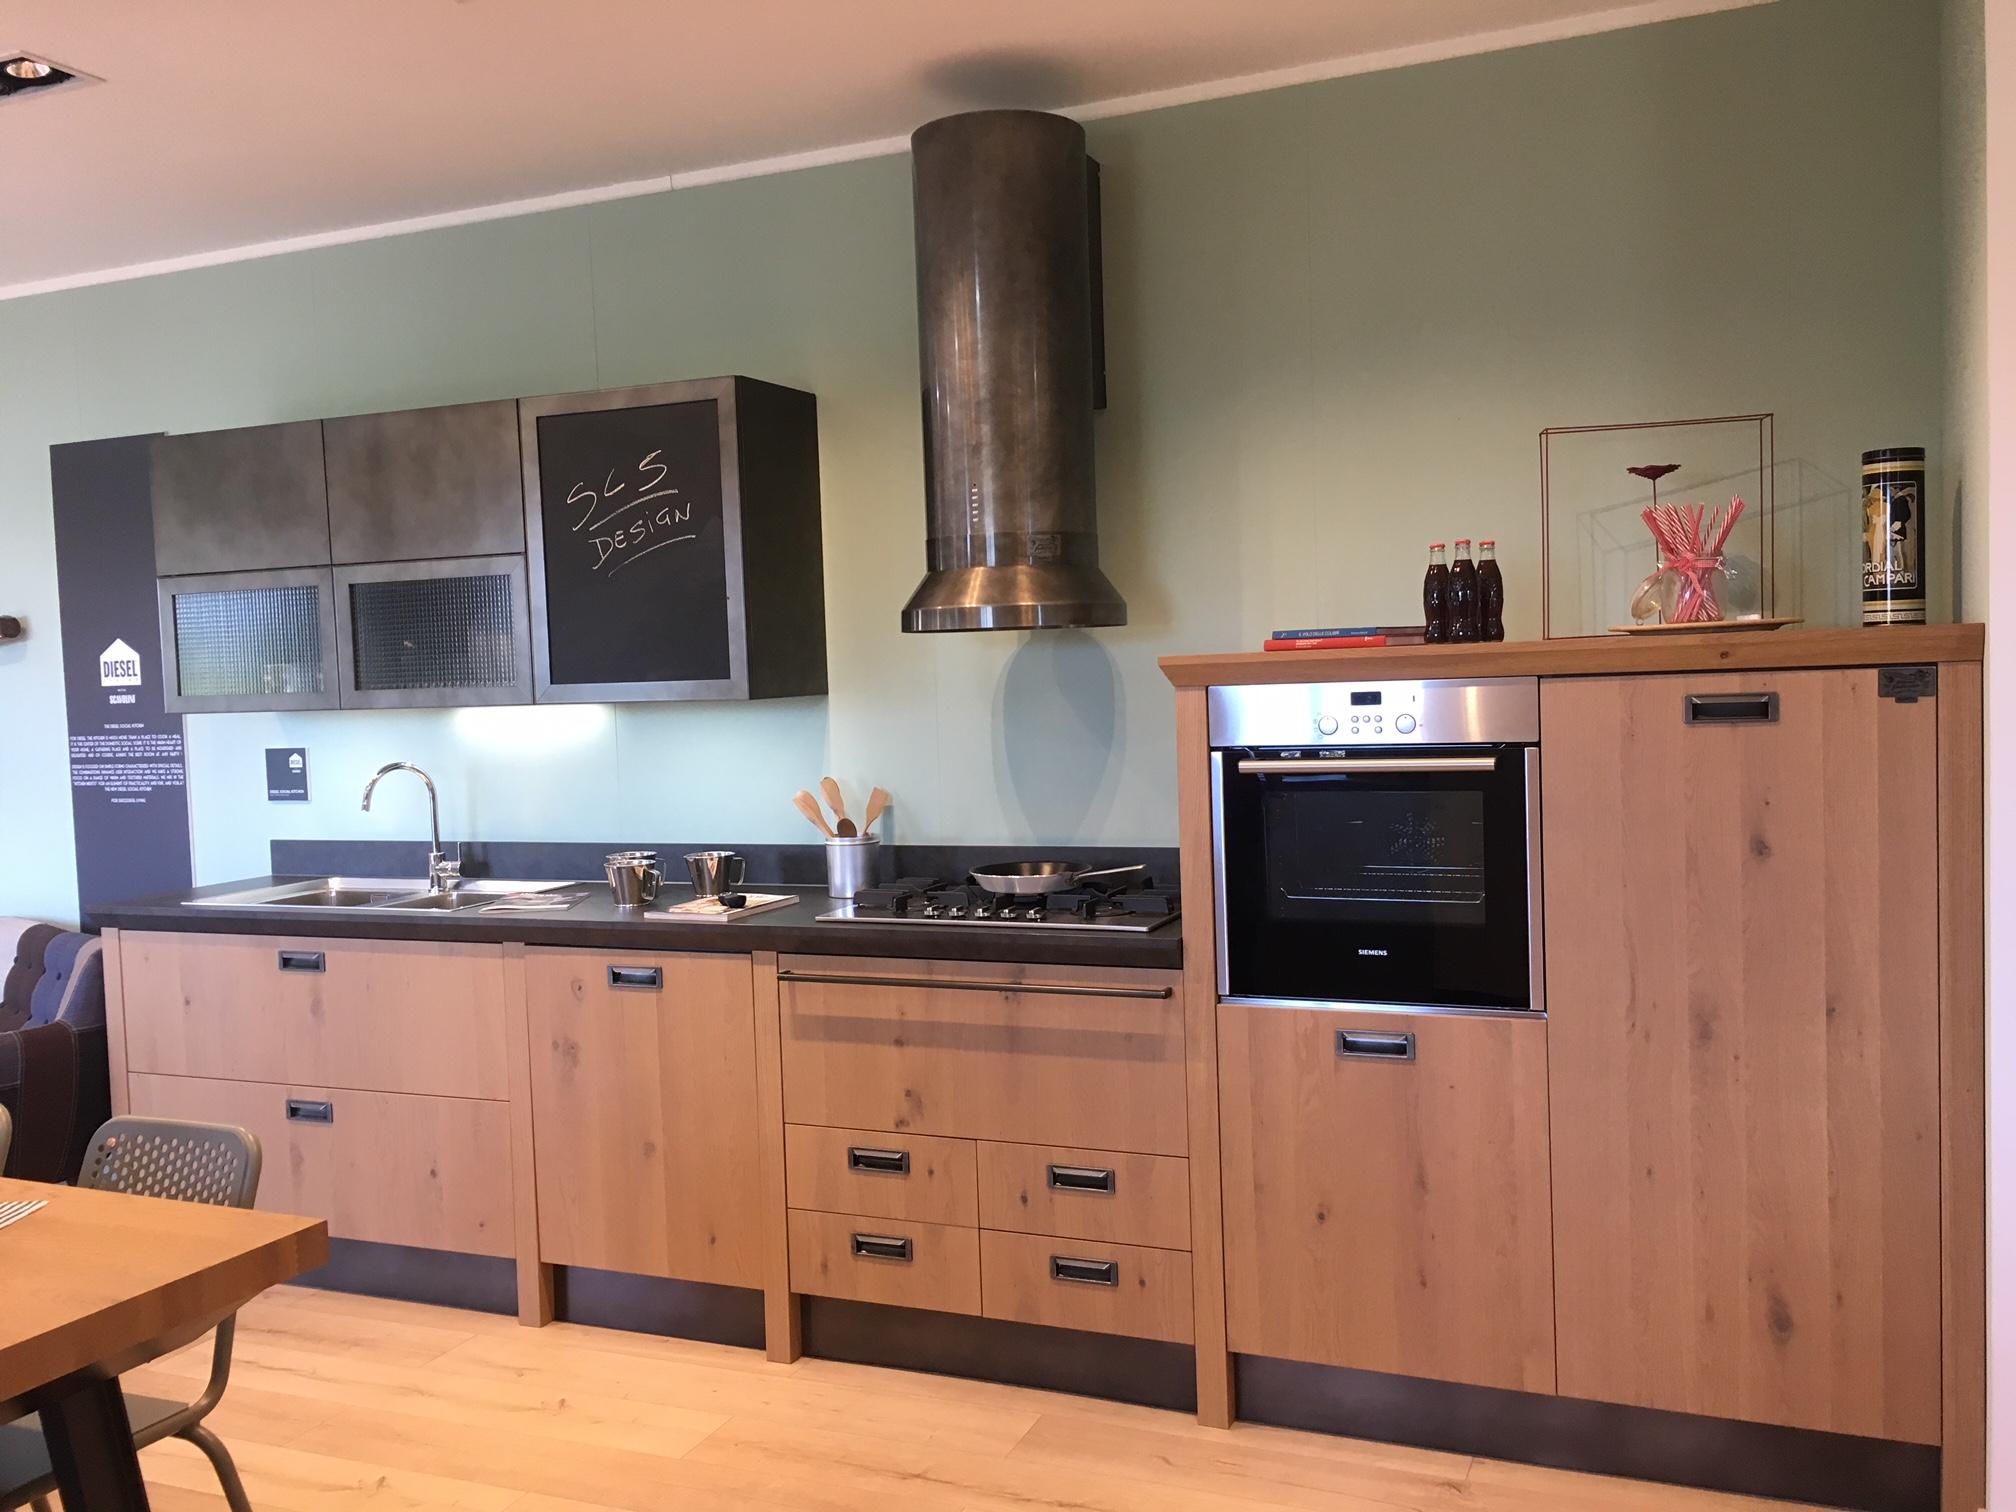 Arredamenti cosenza area giorno stilema parete margot for Arredamenti cosenza